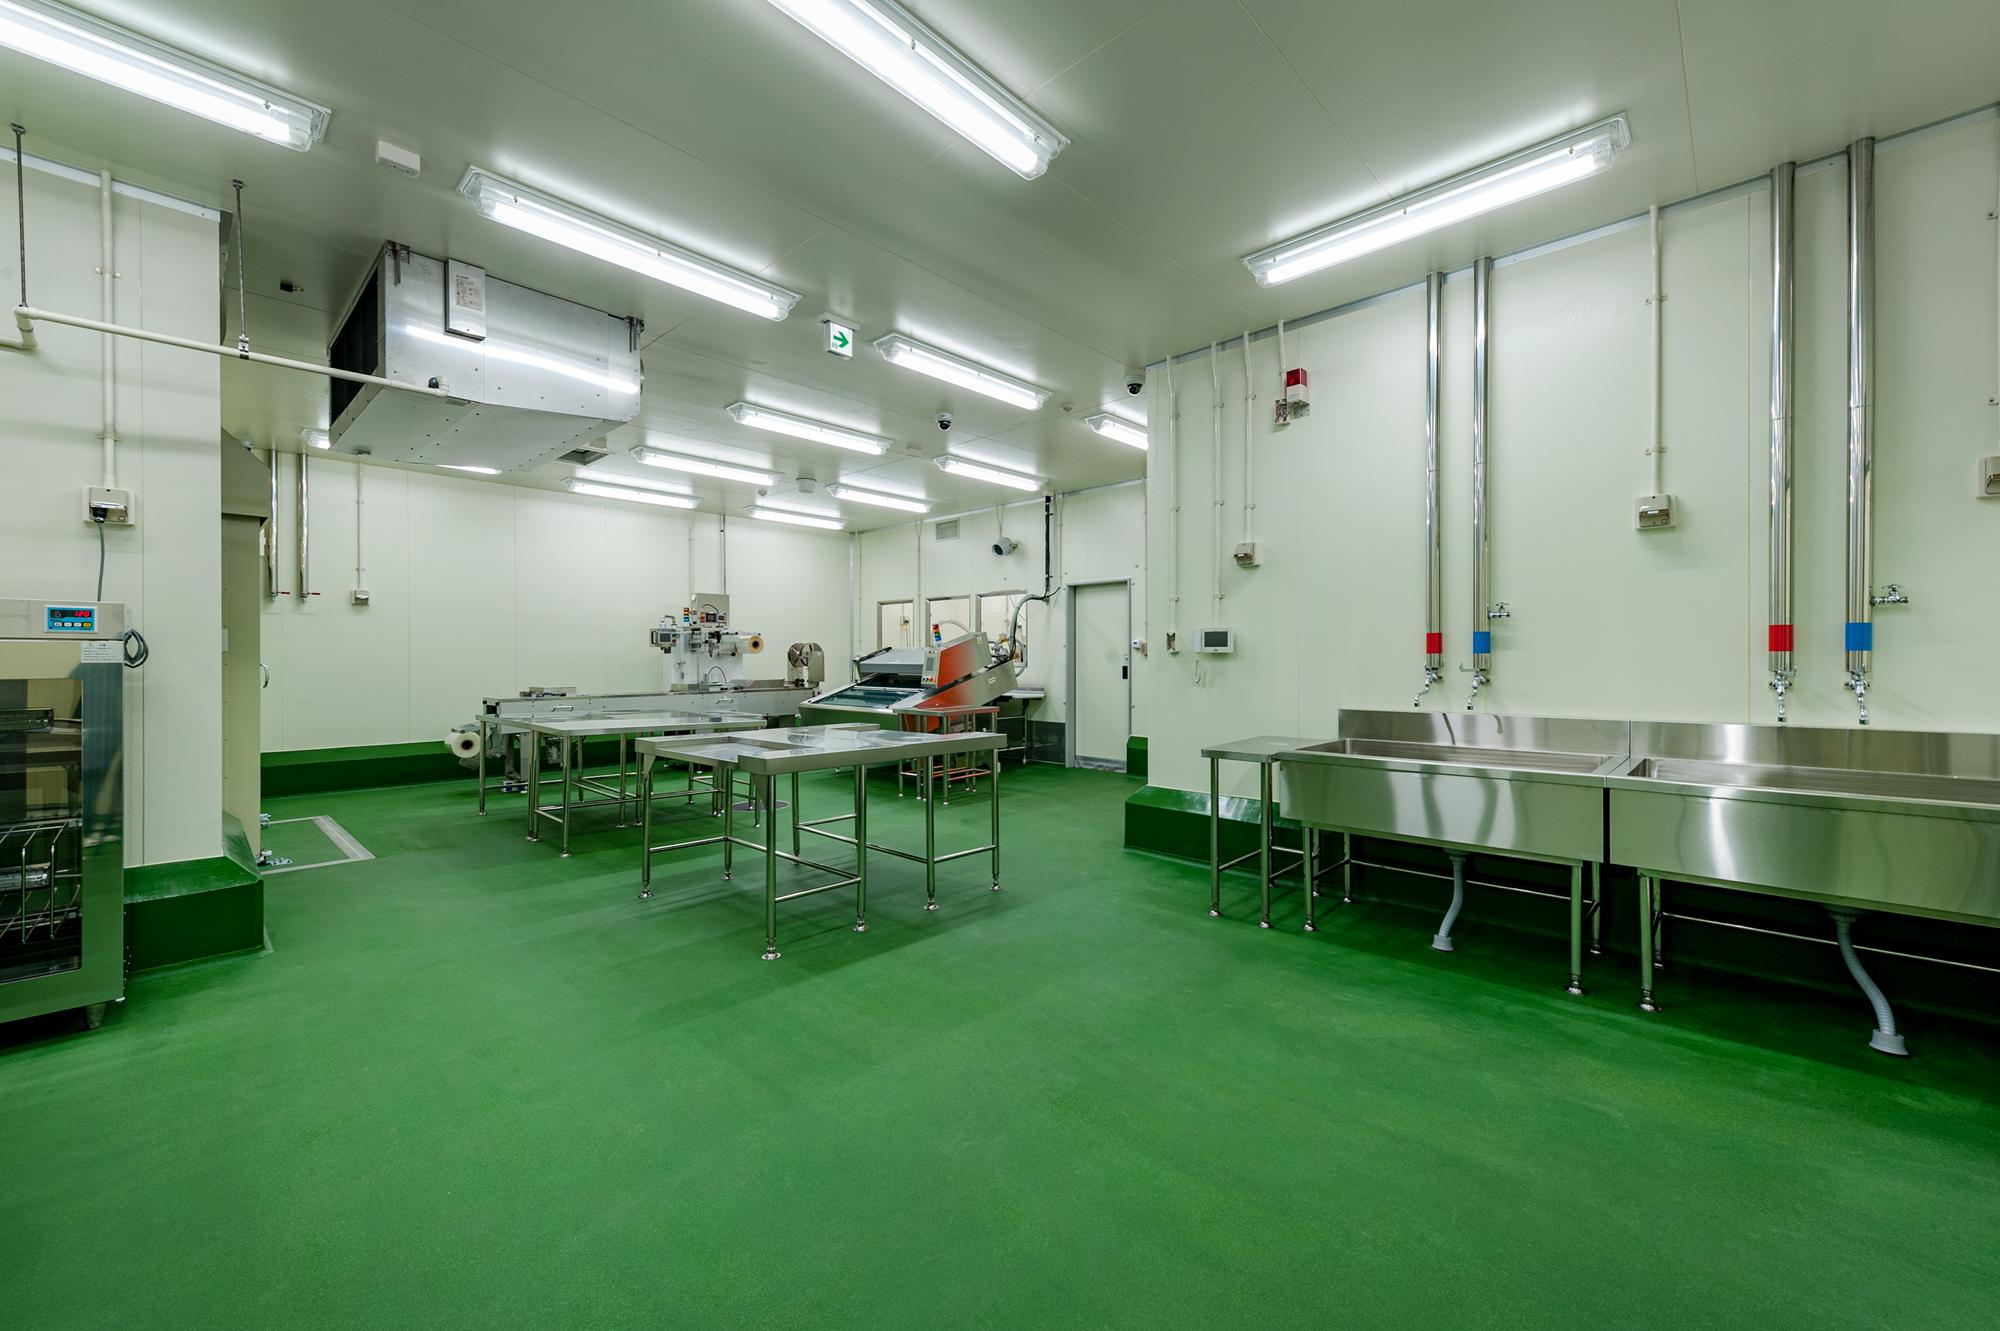 鴻池運輸株式会社 食品加工場 KIZU process center